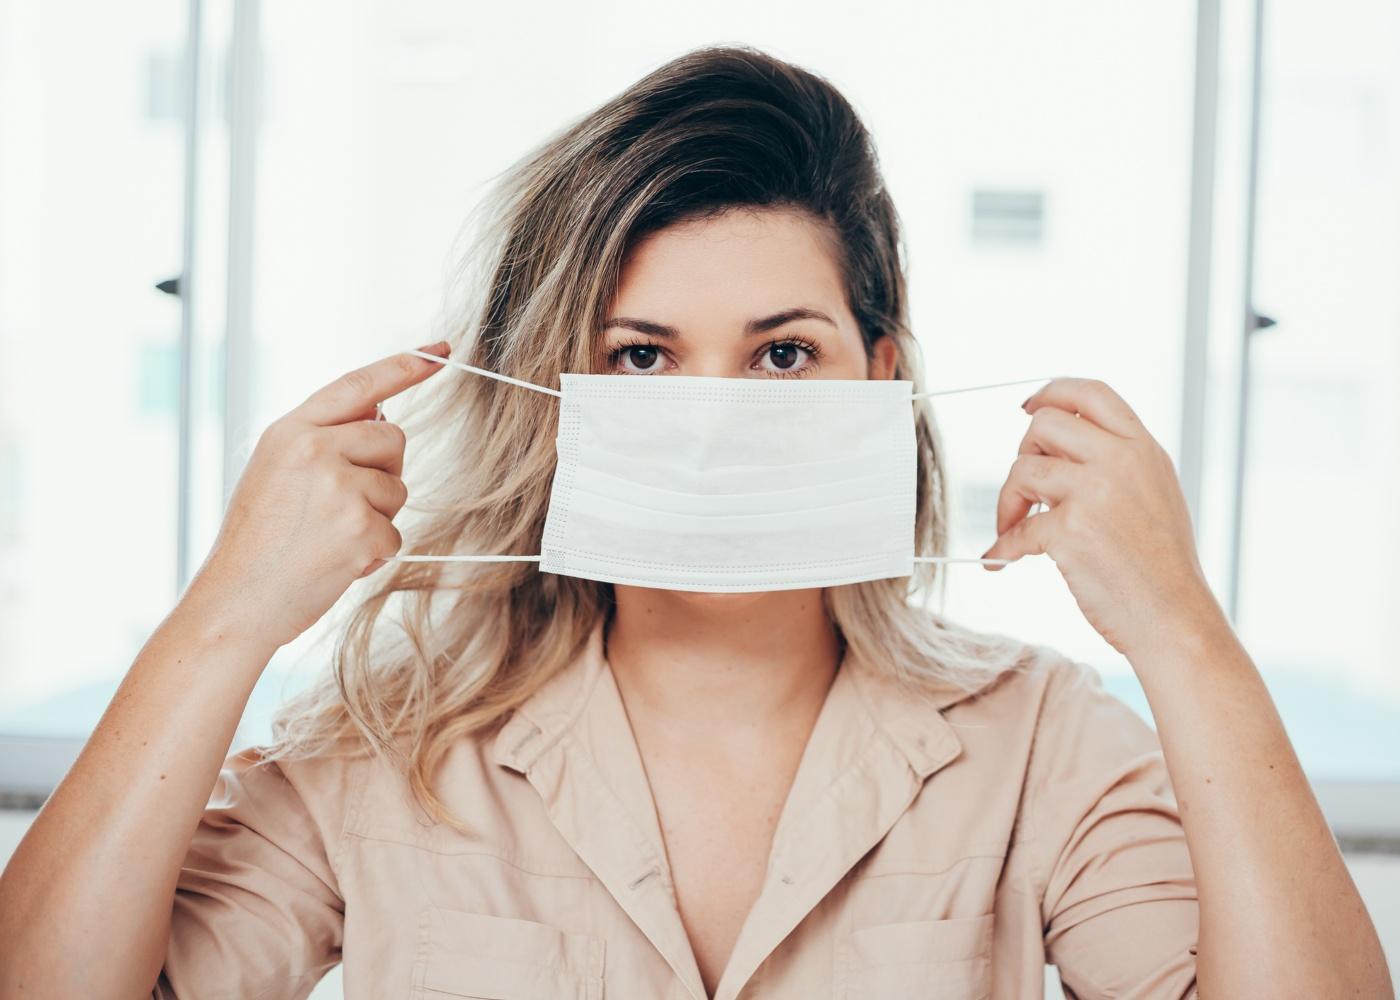 Cuidados a ter com a eple quando se usa máscara